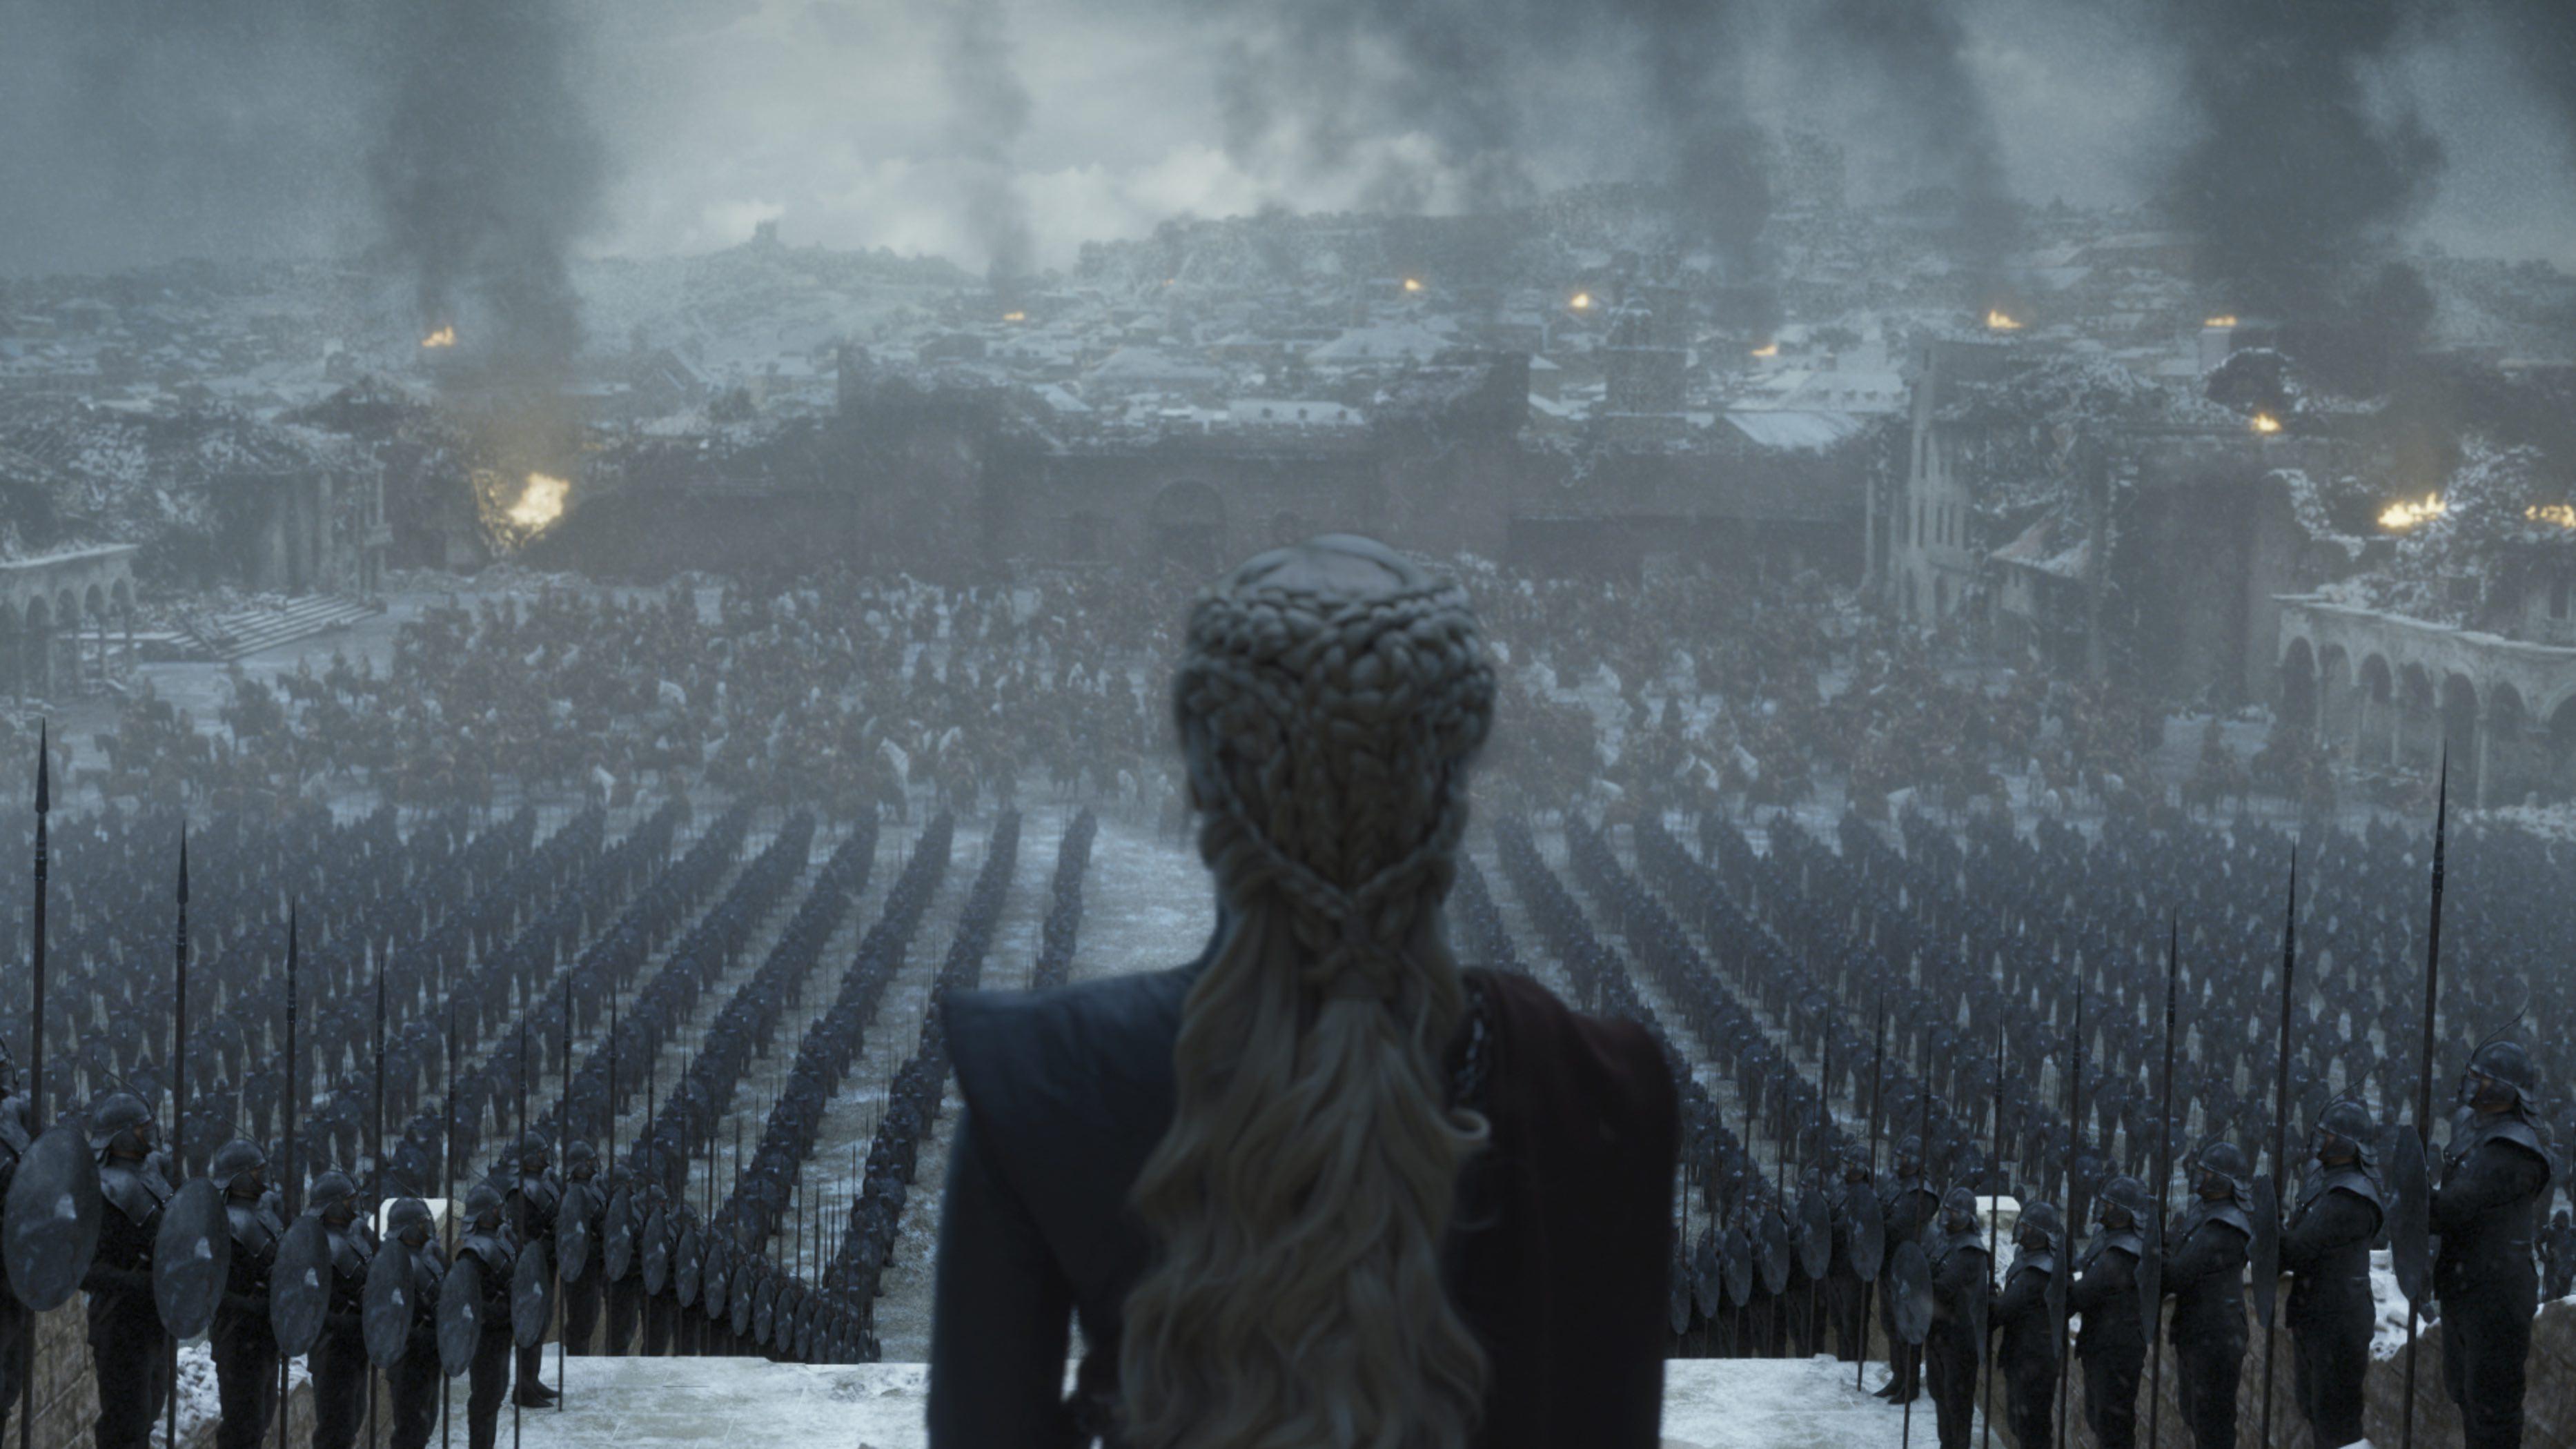 Game of Thrones foto 8x06: Daenerys Targaryen